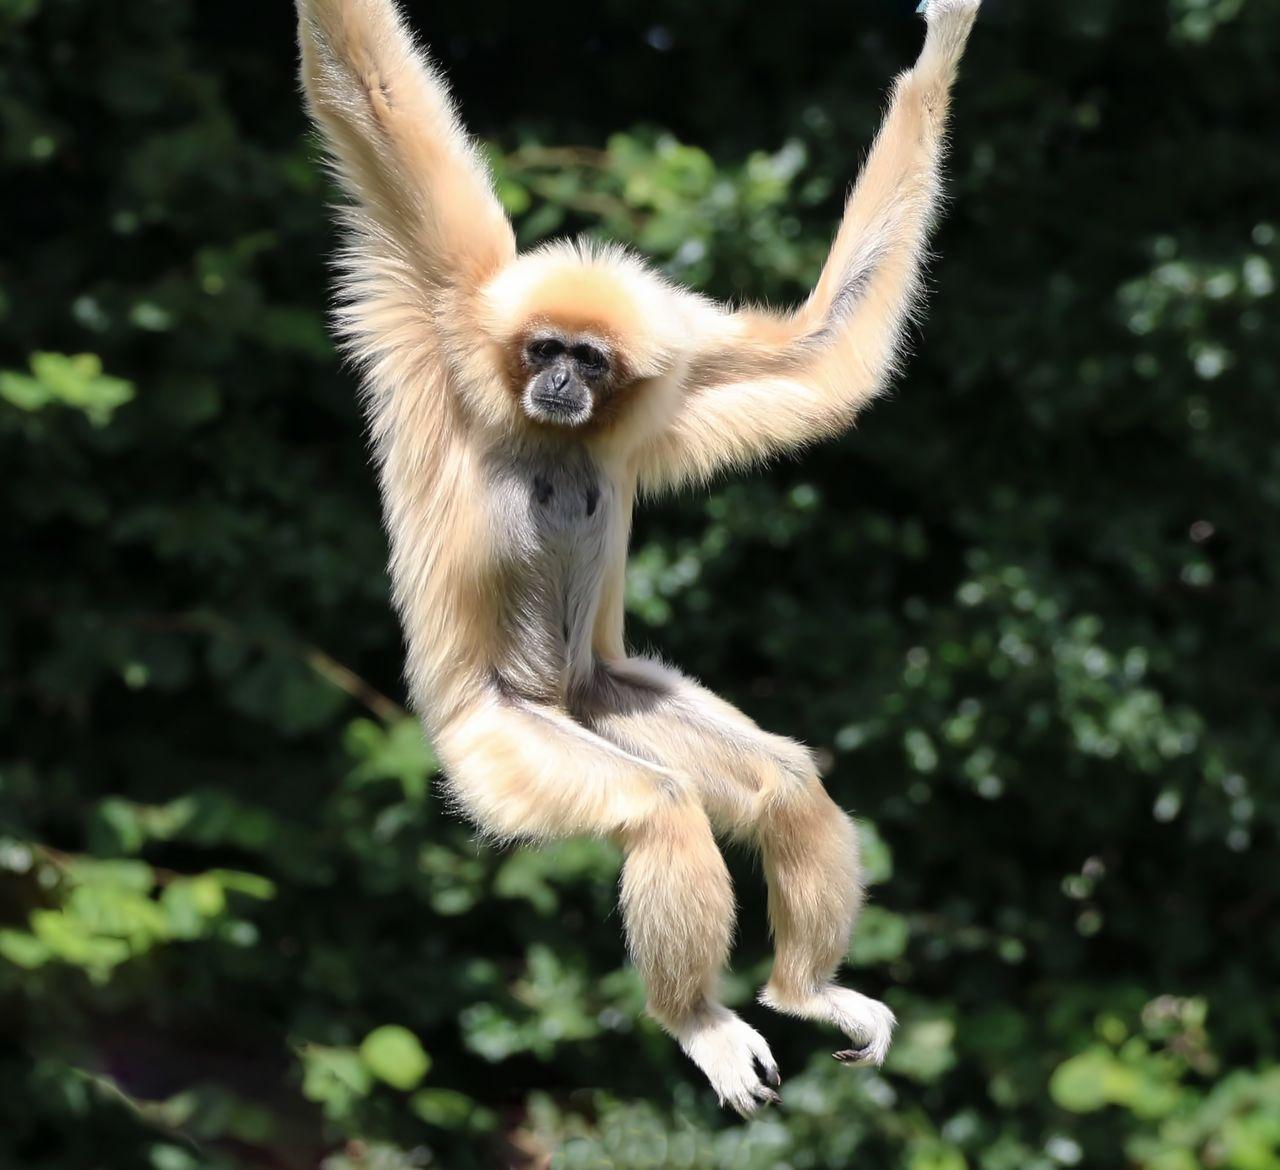 White Handed Gibbon Against Blurred Background